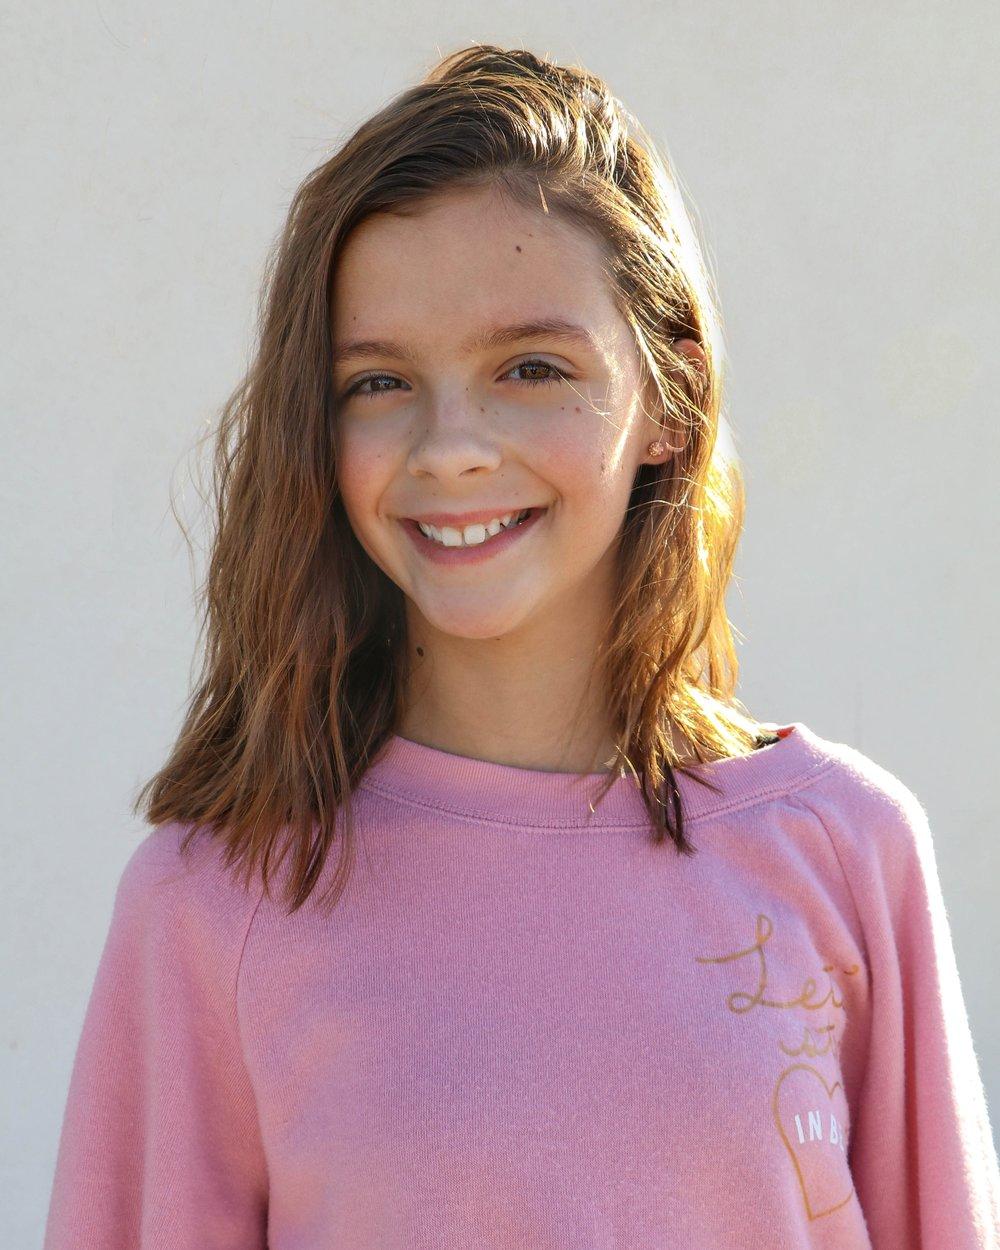 Abby Callery